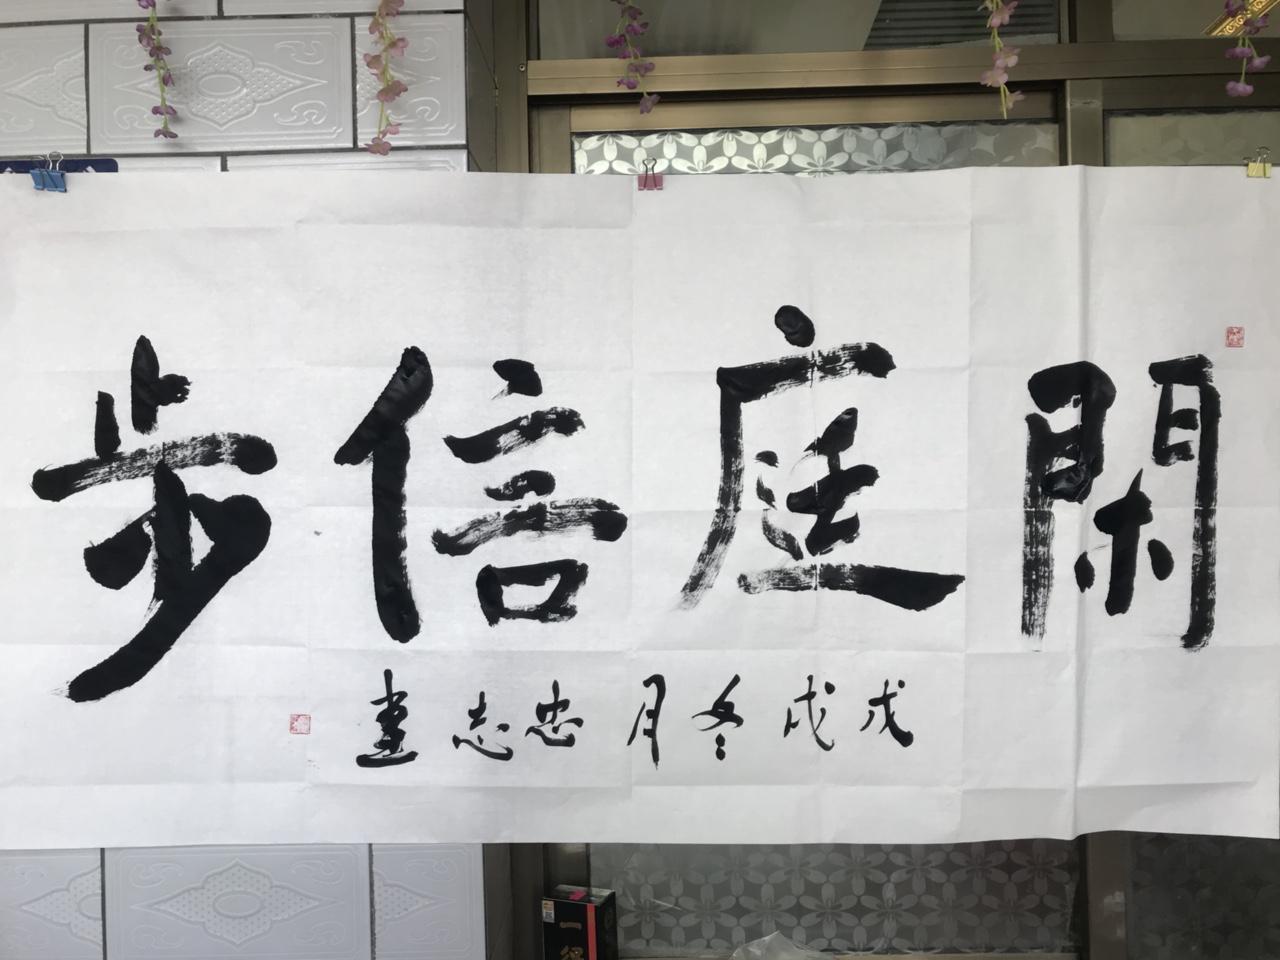 张家川书画家在蜜语茶言挥毫泼墨